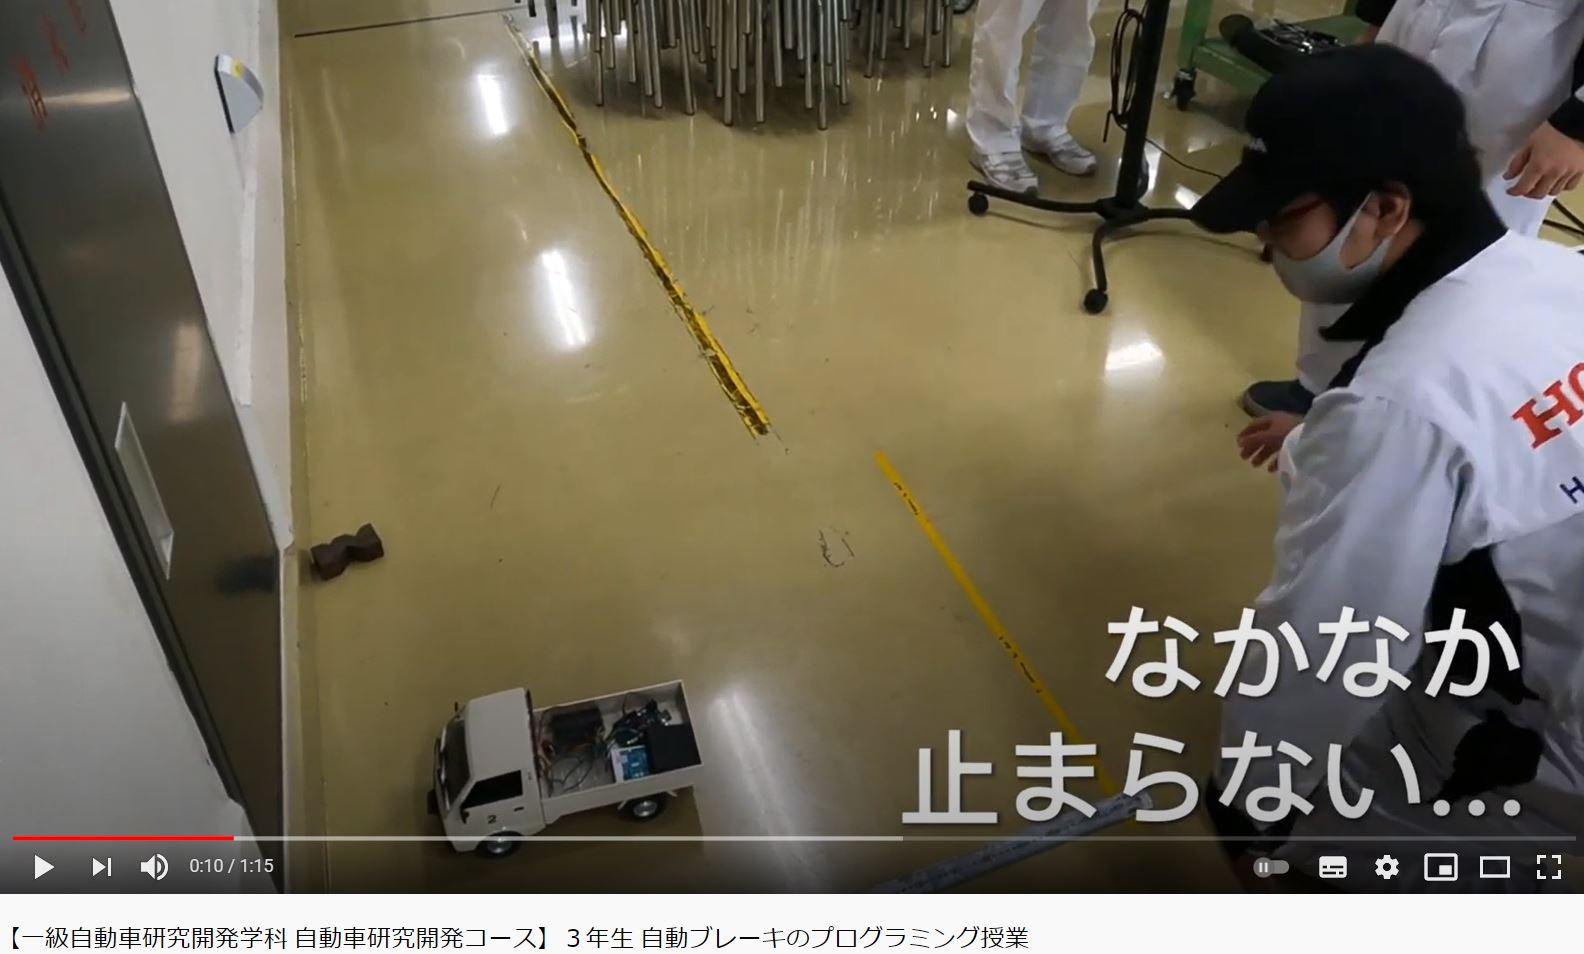 【授業動画】自動車研究開発コース3年生(自動ブレーキのプログラミング授業)